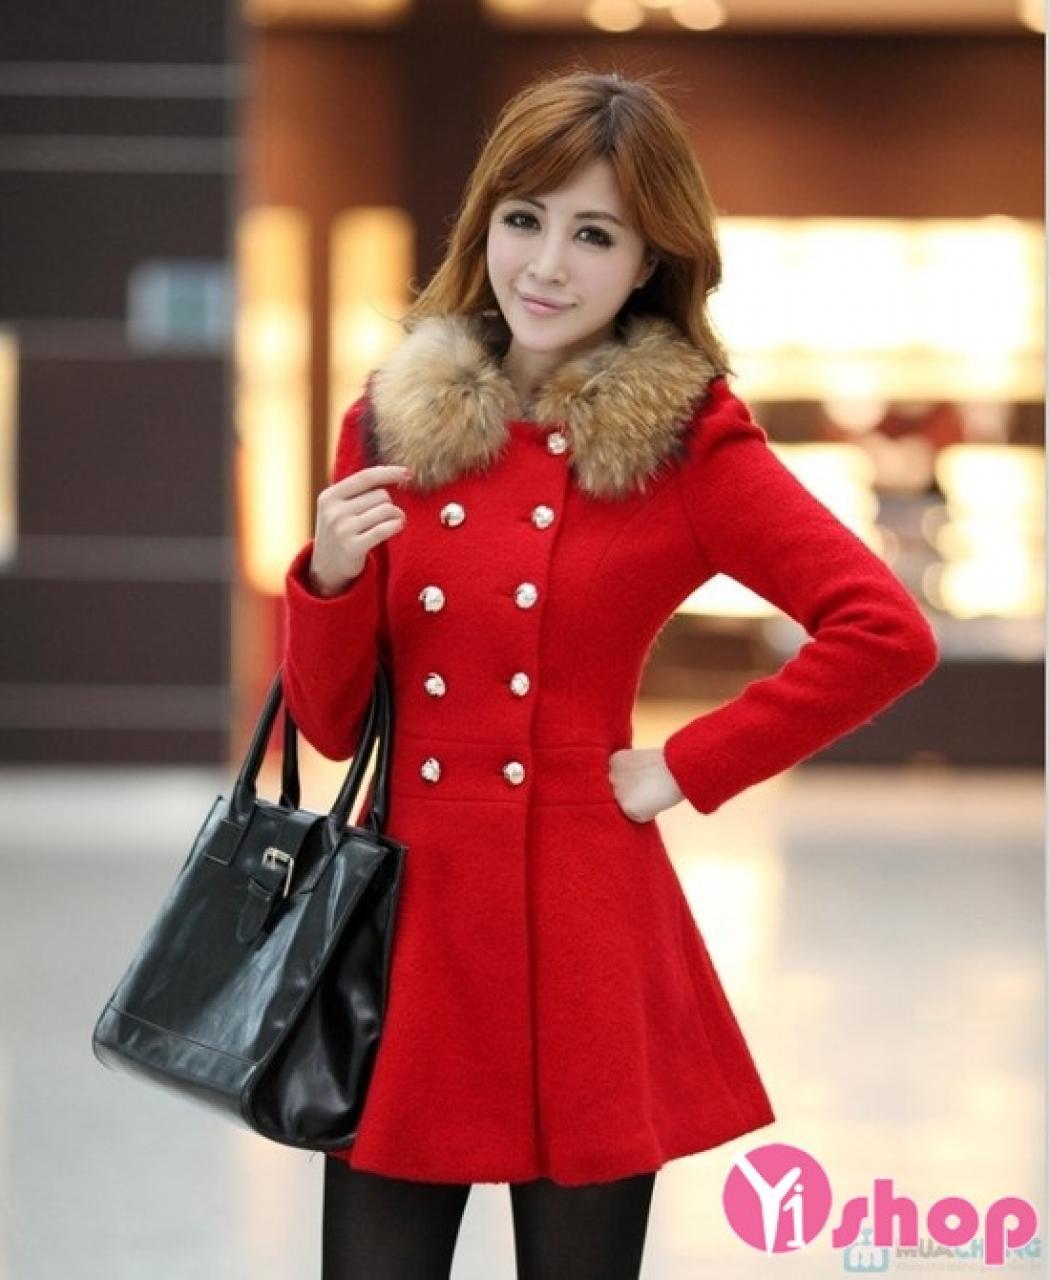 Áo khoác dạ nữ cổ sen đẹp thu đông 2019 cho nàng công sở cao gầy